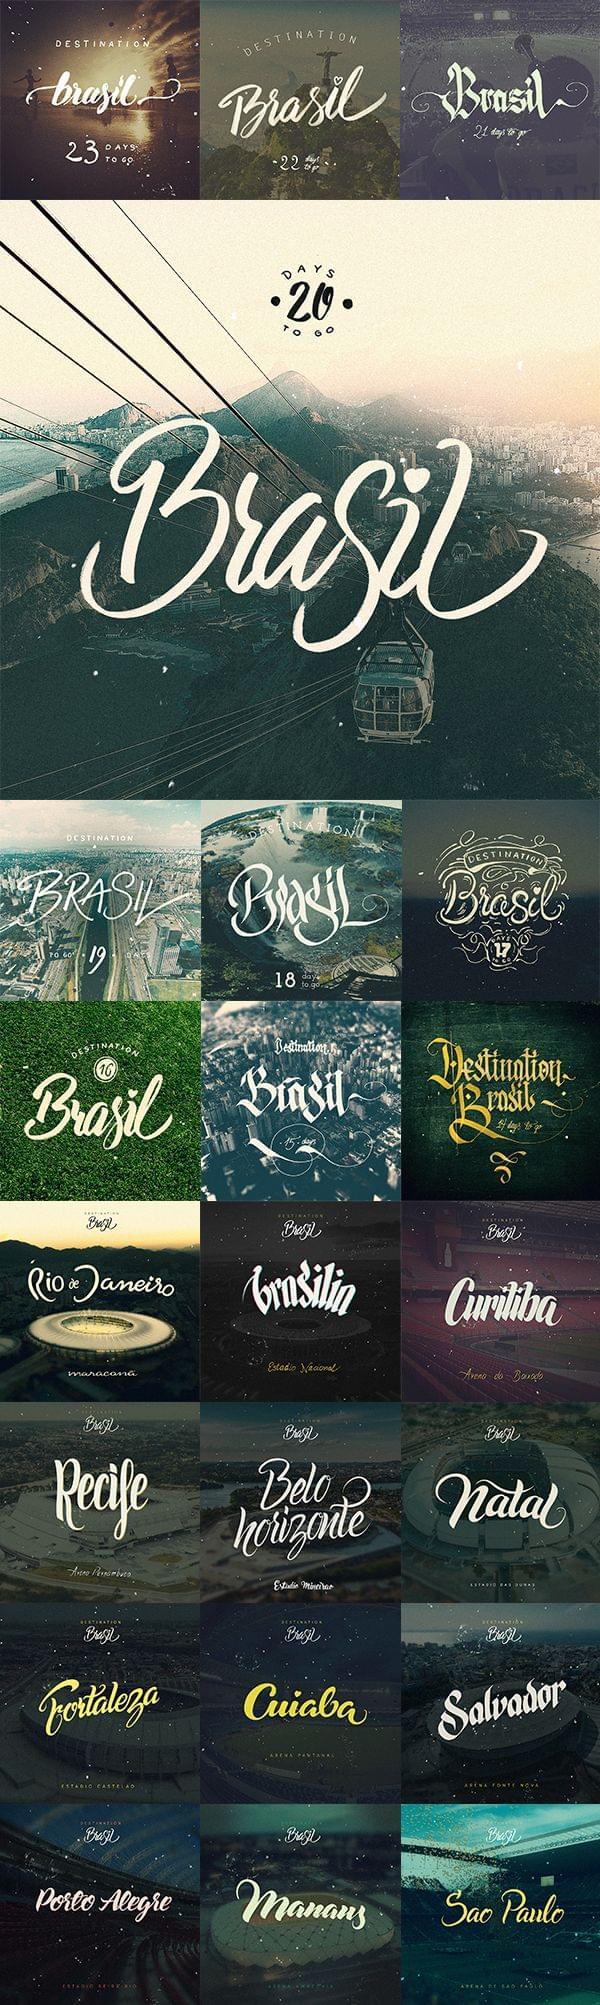 Destination Brasil by Arkadiusz Radek